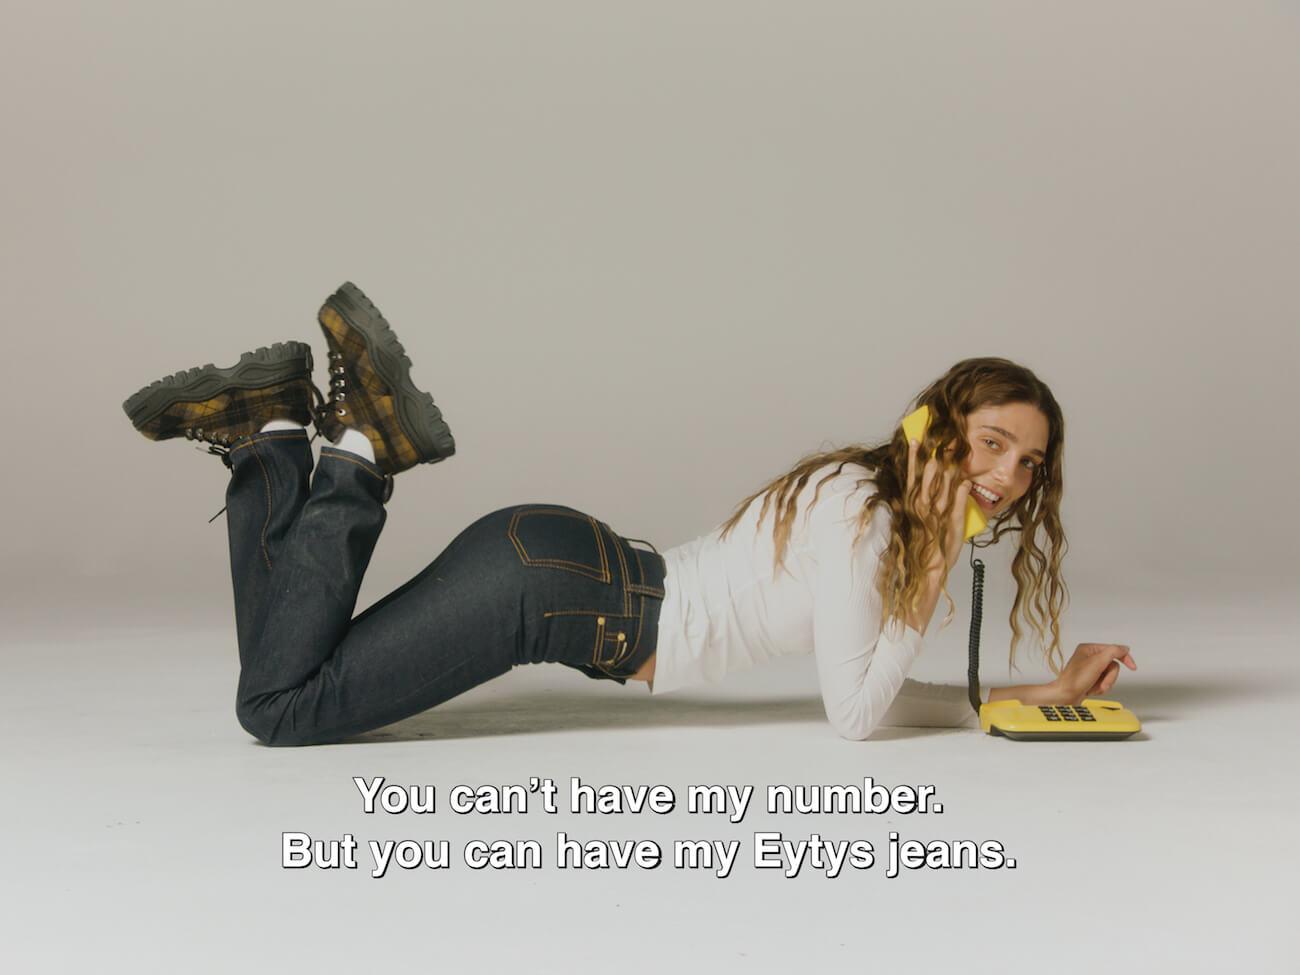 eytys-jeans-07 (still image)